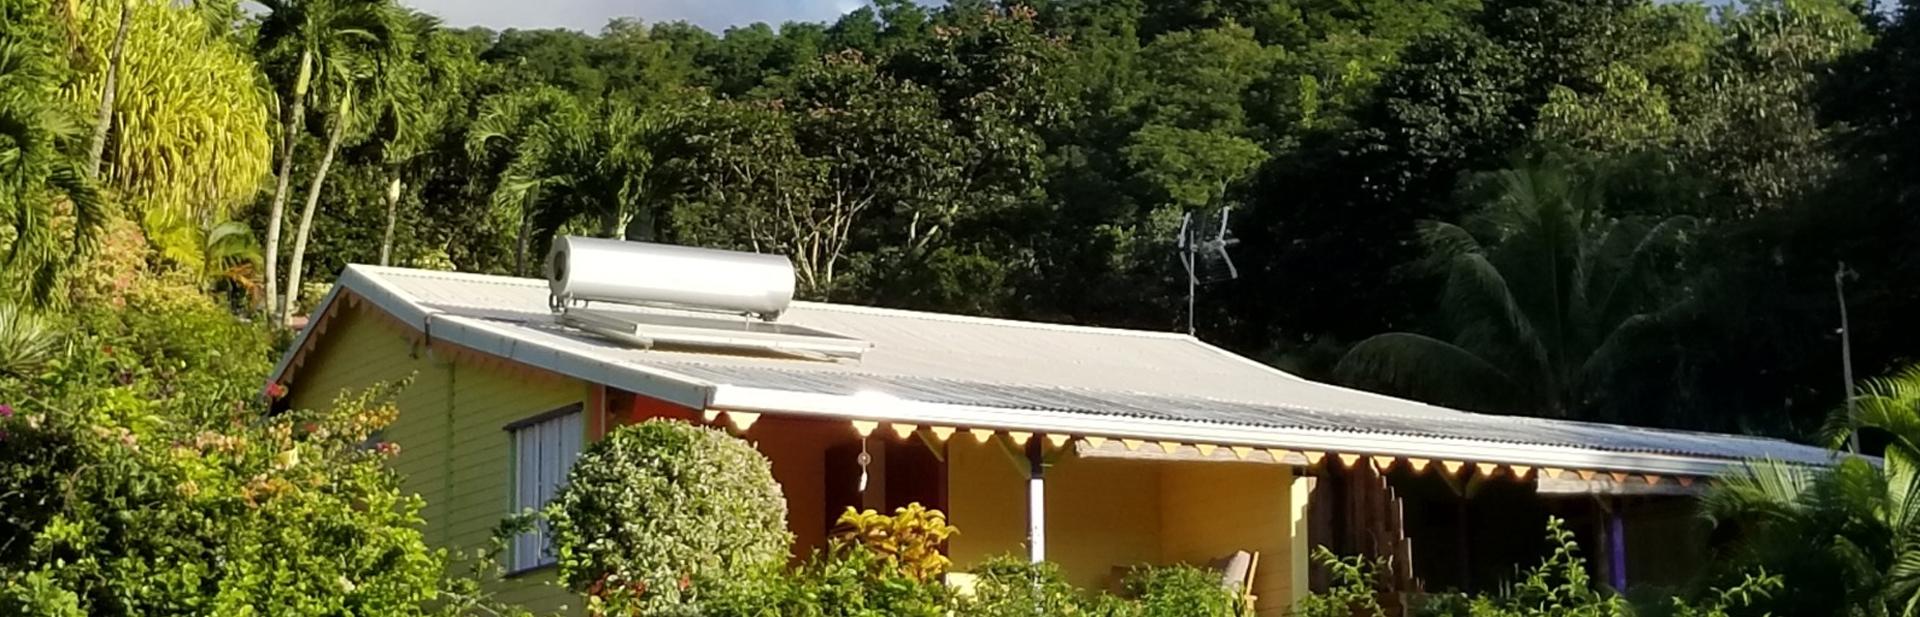 bungalows-cabazat-gite-vacance-guadeloupe